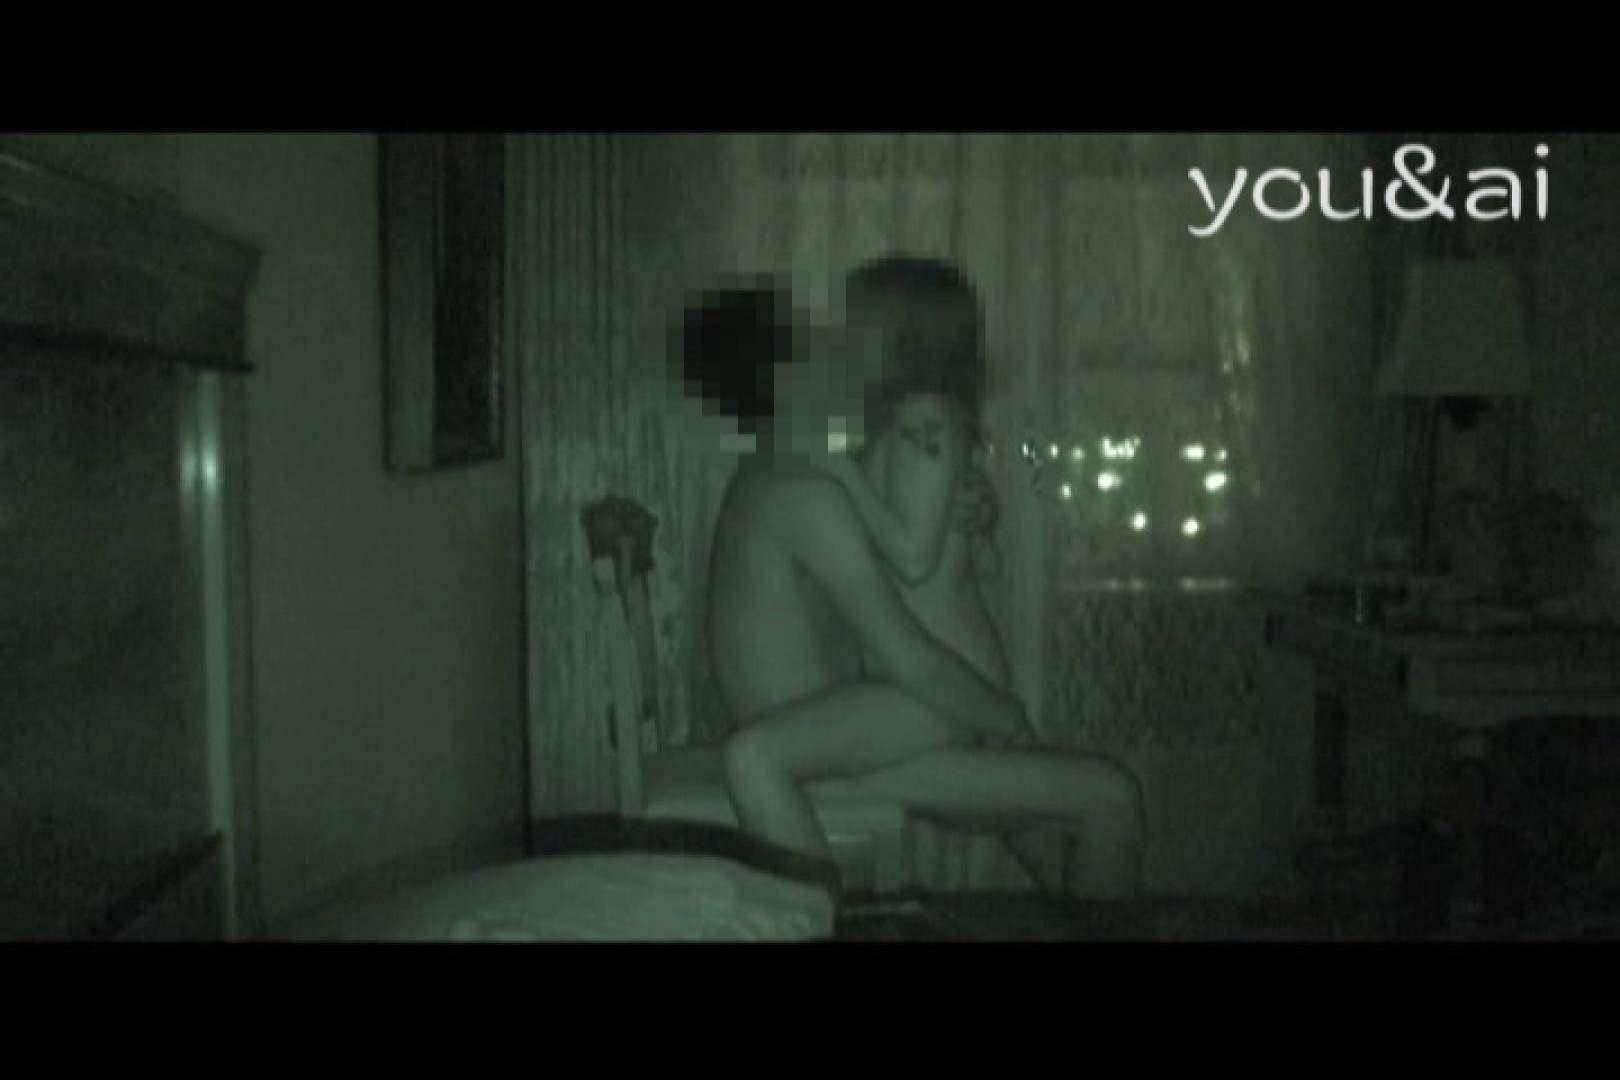 おしどり夫婦のyou&aiさん投稿作品vol.10 エッチすぎるOL達 オメコ動画キャプチャ 107連発 14